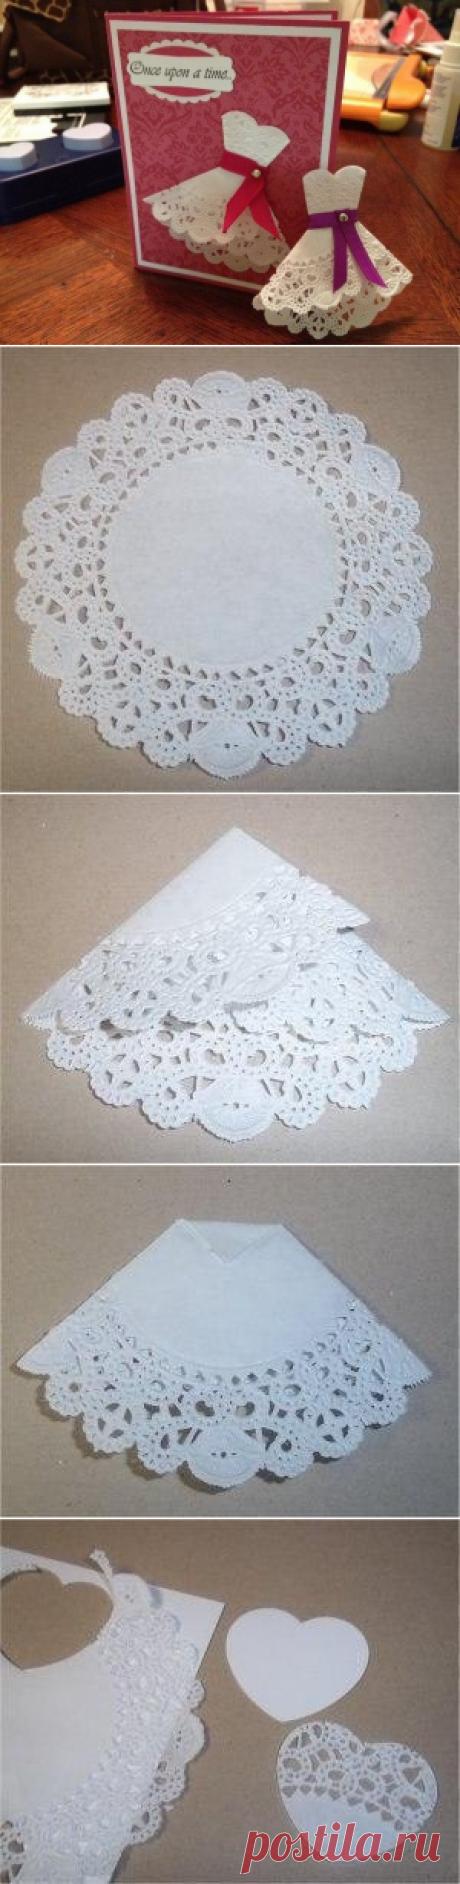 Открытка с платьем из кружевной салфетки — Сделай сам, идеи для творчества - DIY Ideas